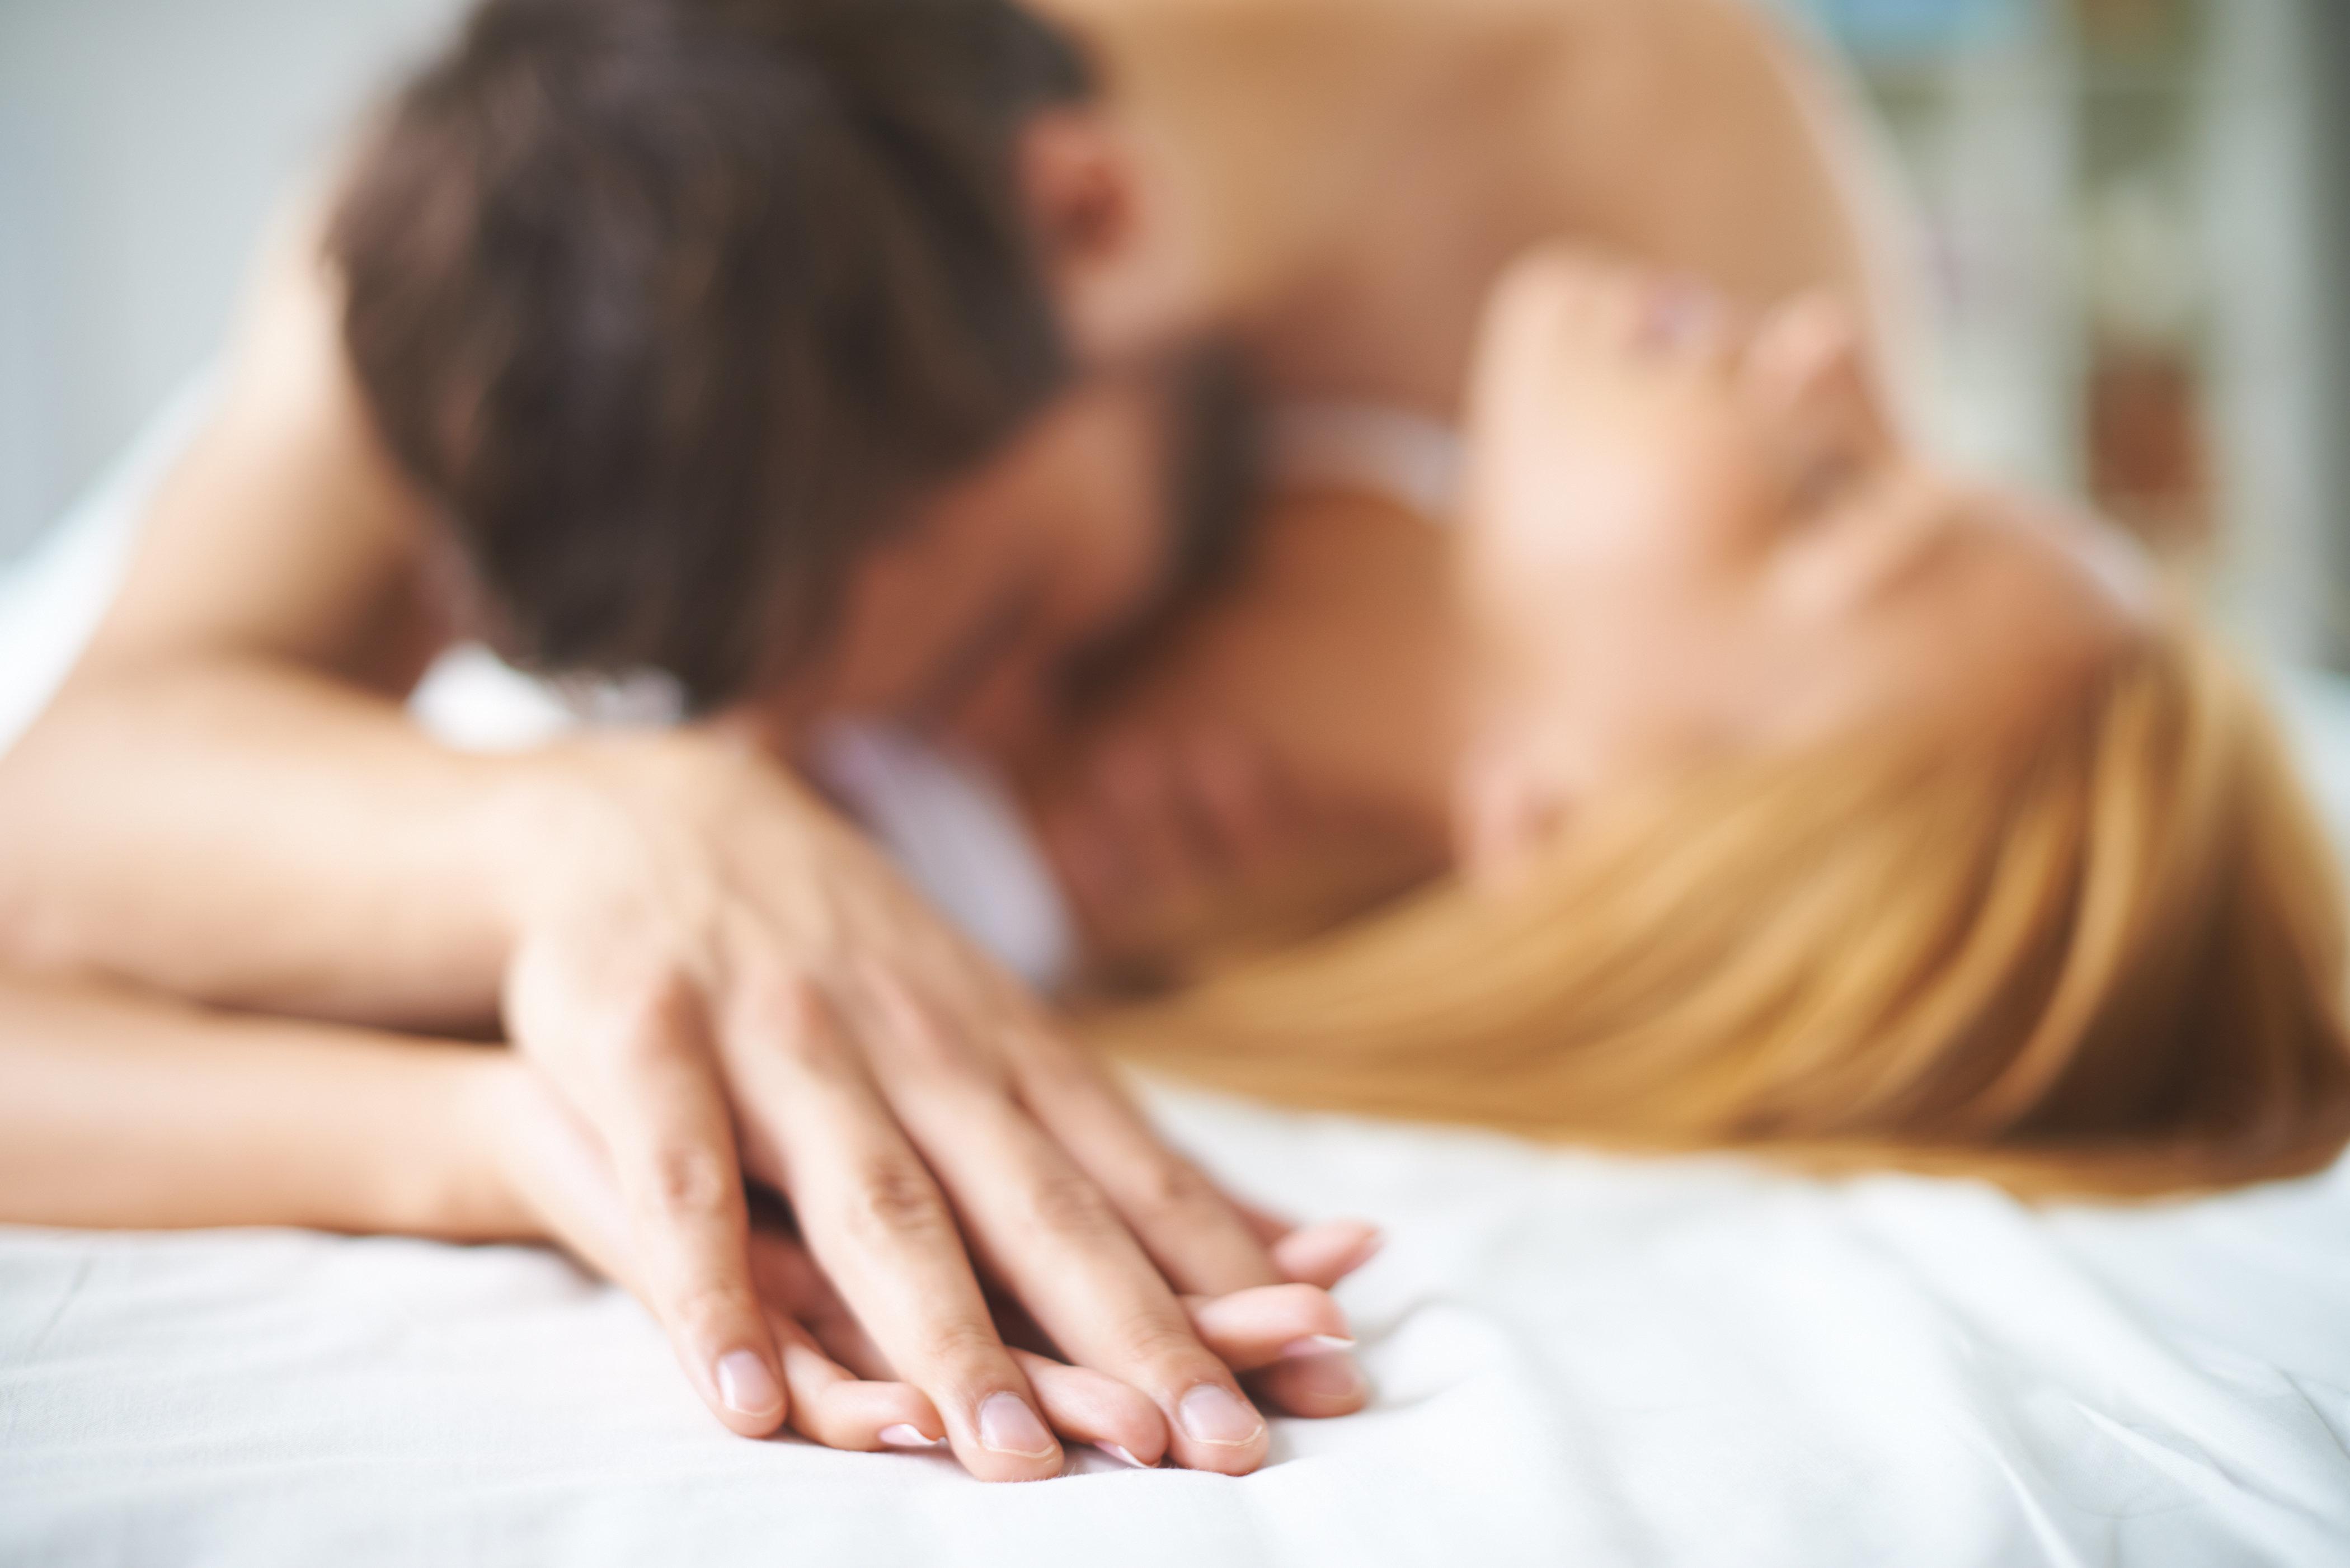 Beschnittener oder unbeschnittener Penis? Frauen erzählen, was der Unterschied beim Sex ist